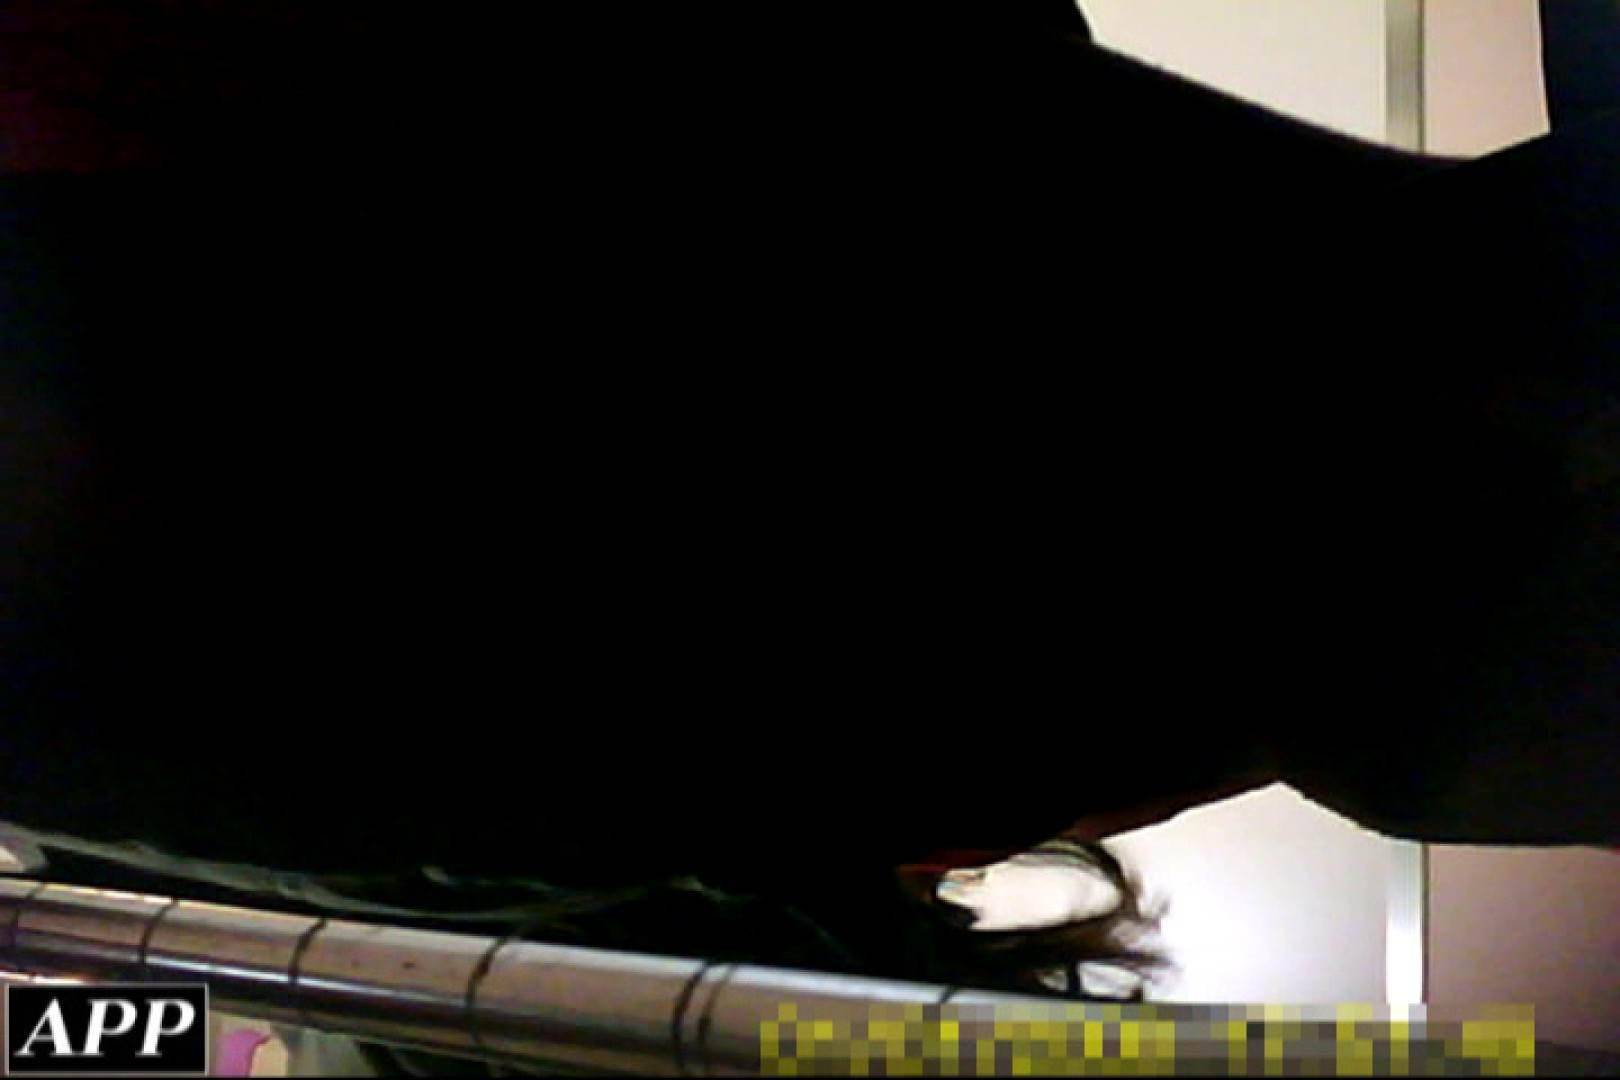 3視点洗面所 vol.084 洗面所 | OLエロ画像  110PICs 99